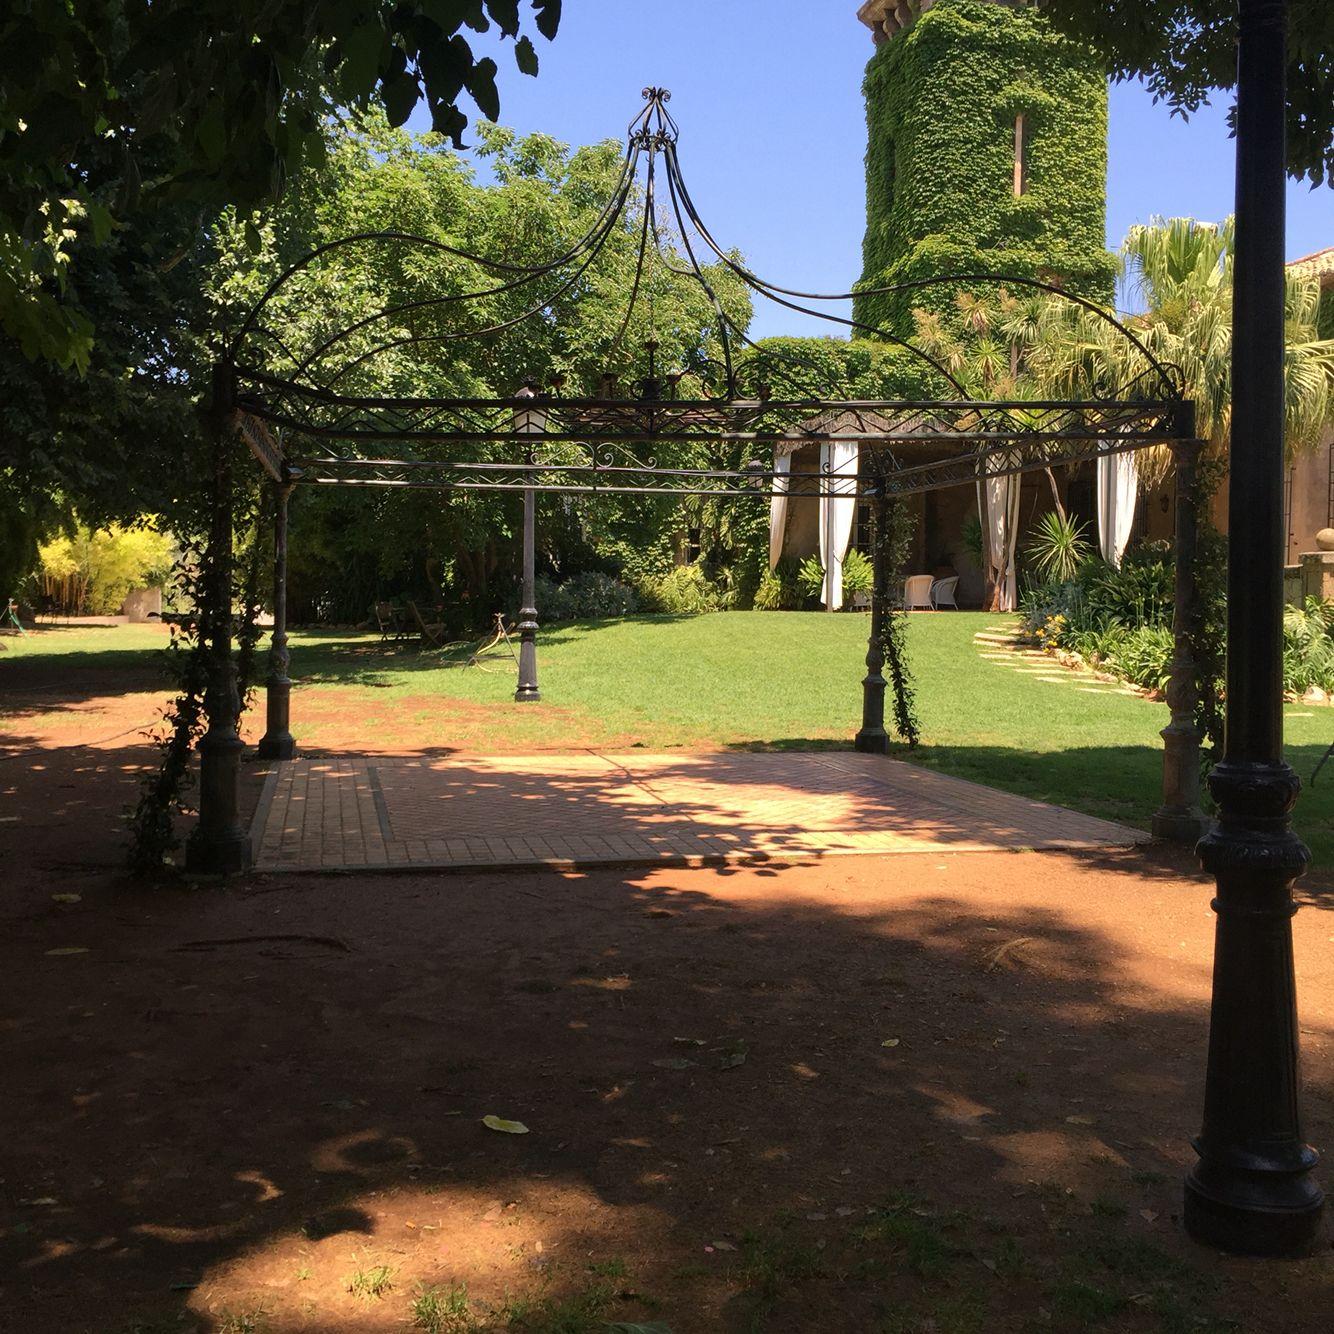 casa santonja garden beniarbeig alicante wedding spain